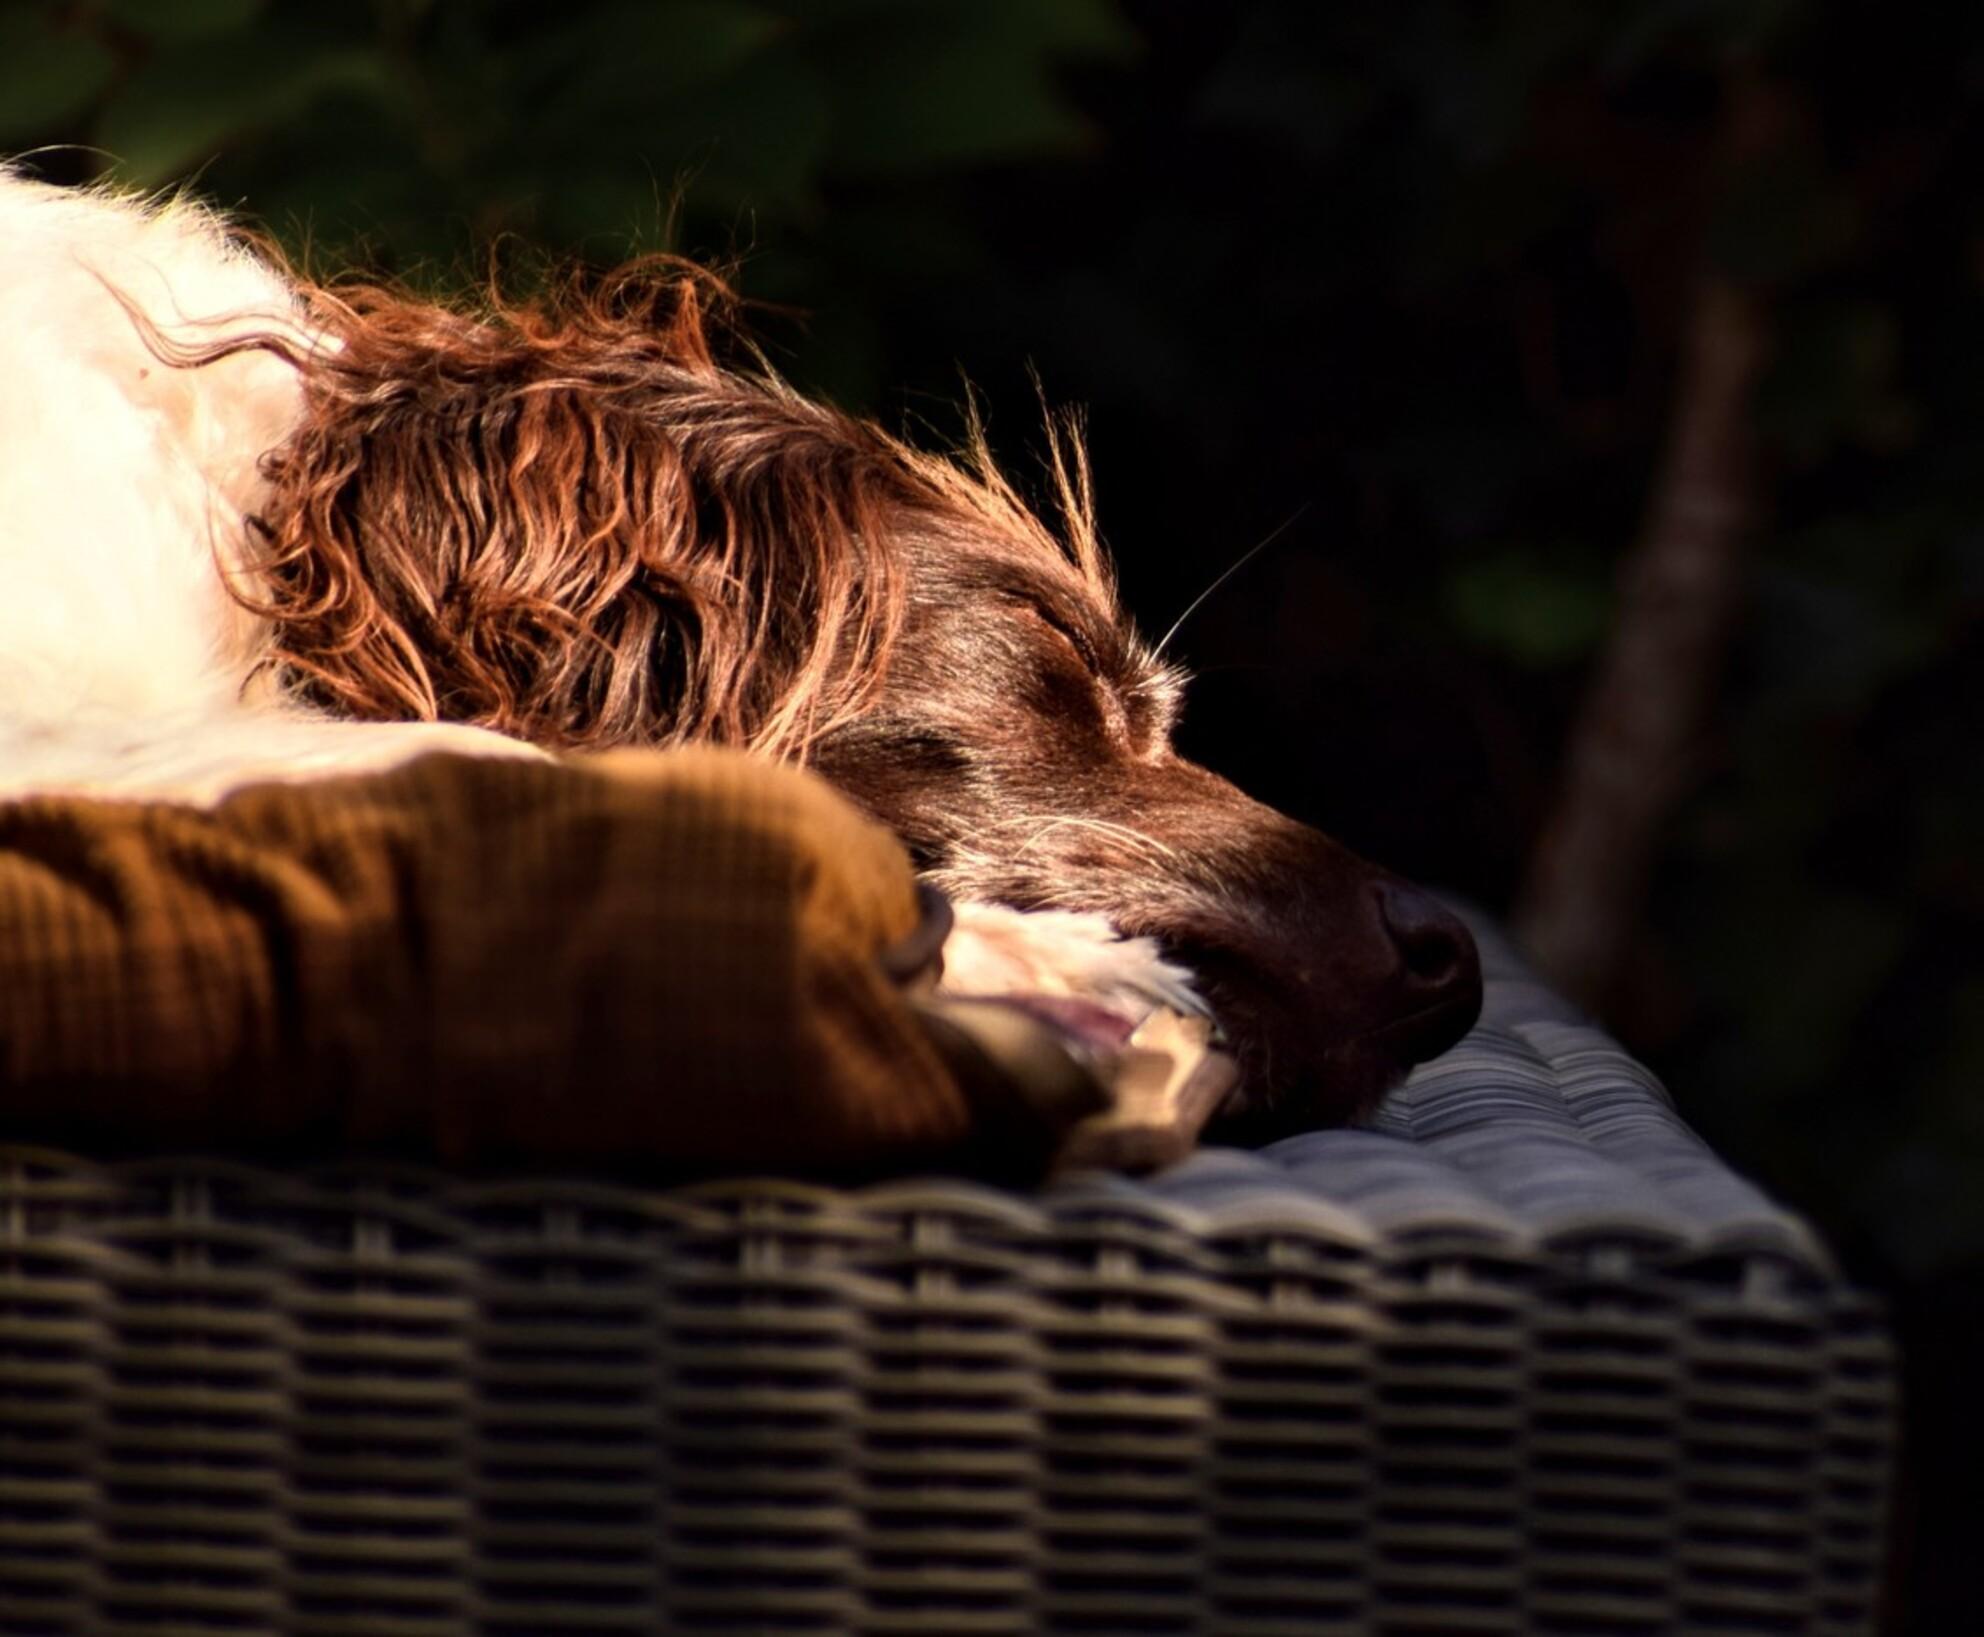 Sleeping dog - - - foto door jeannette2612 op 29-10-2018 - deze foto bevat: foto, hond, daglicht, dog, slapen, heidewachtel - Deze foto mag gebruikt worden in een Zoom.nl publicatie